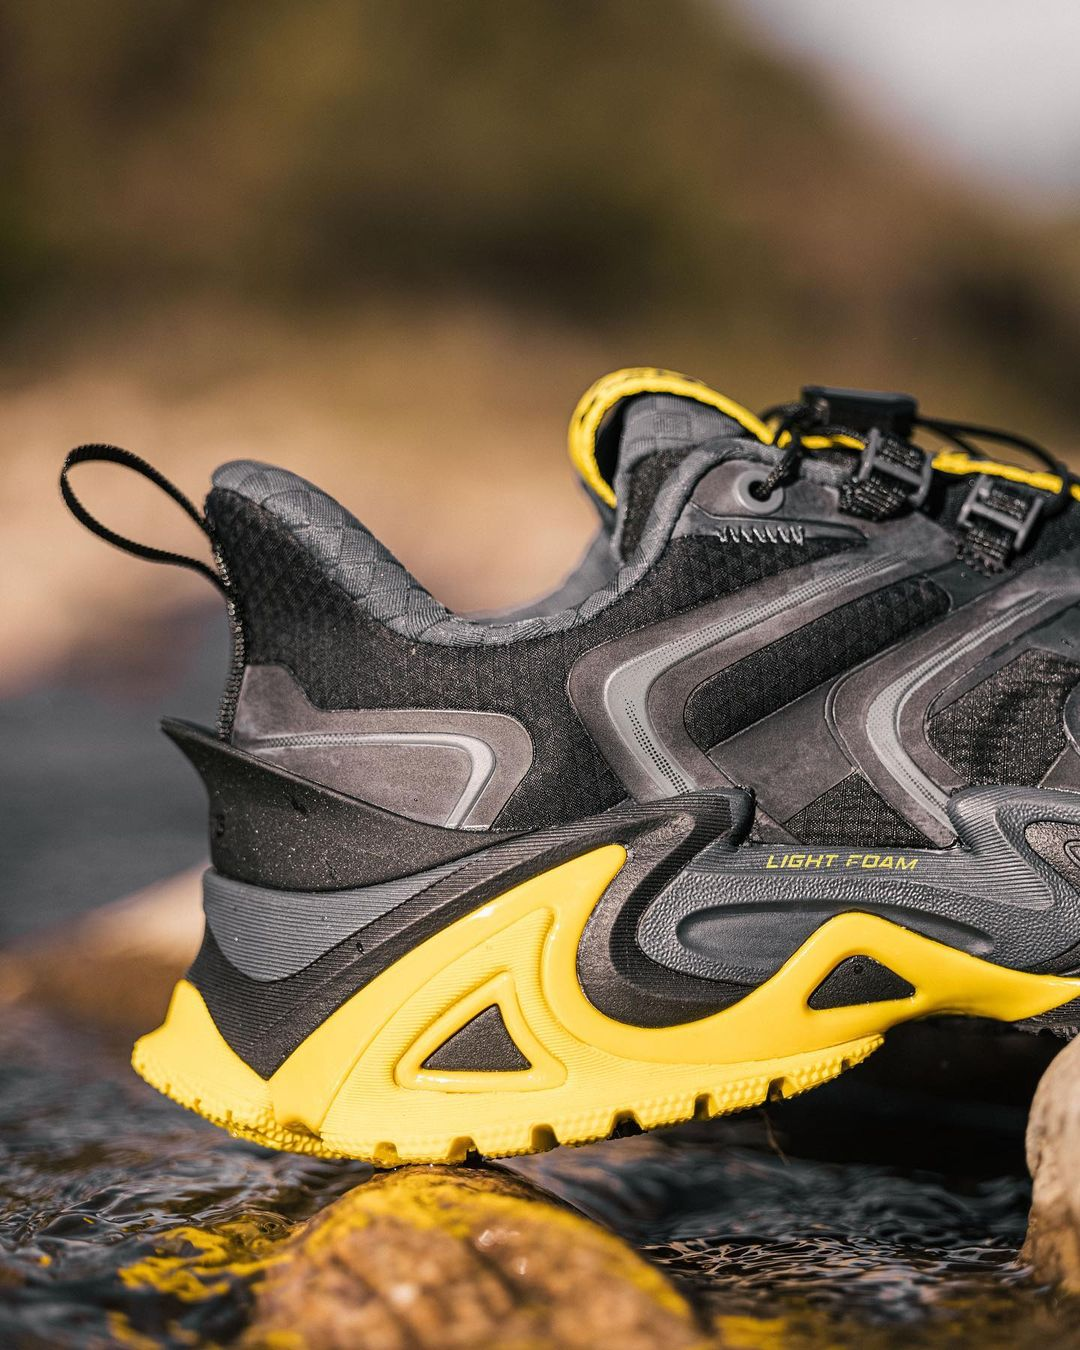 猫爪 ACE,李宁,发售  造型机能脚感舒适!都在等的李宁「山系新鞋」悄悄上架!